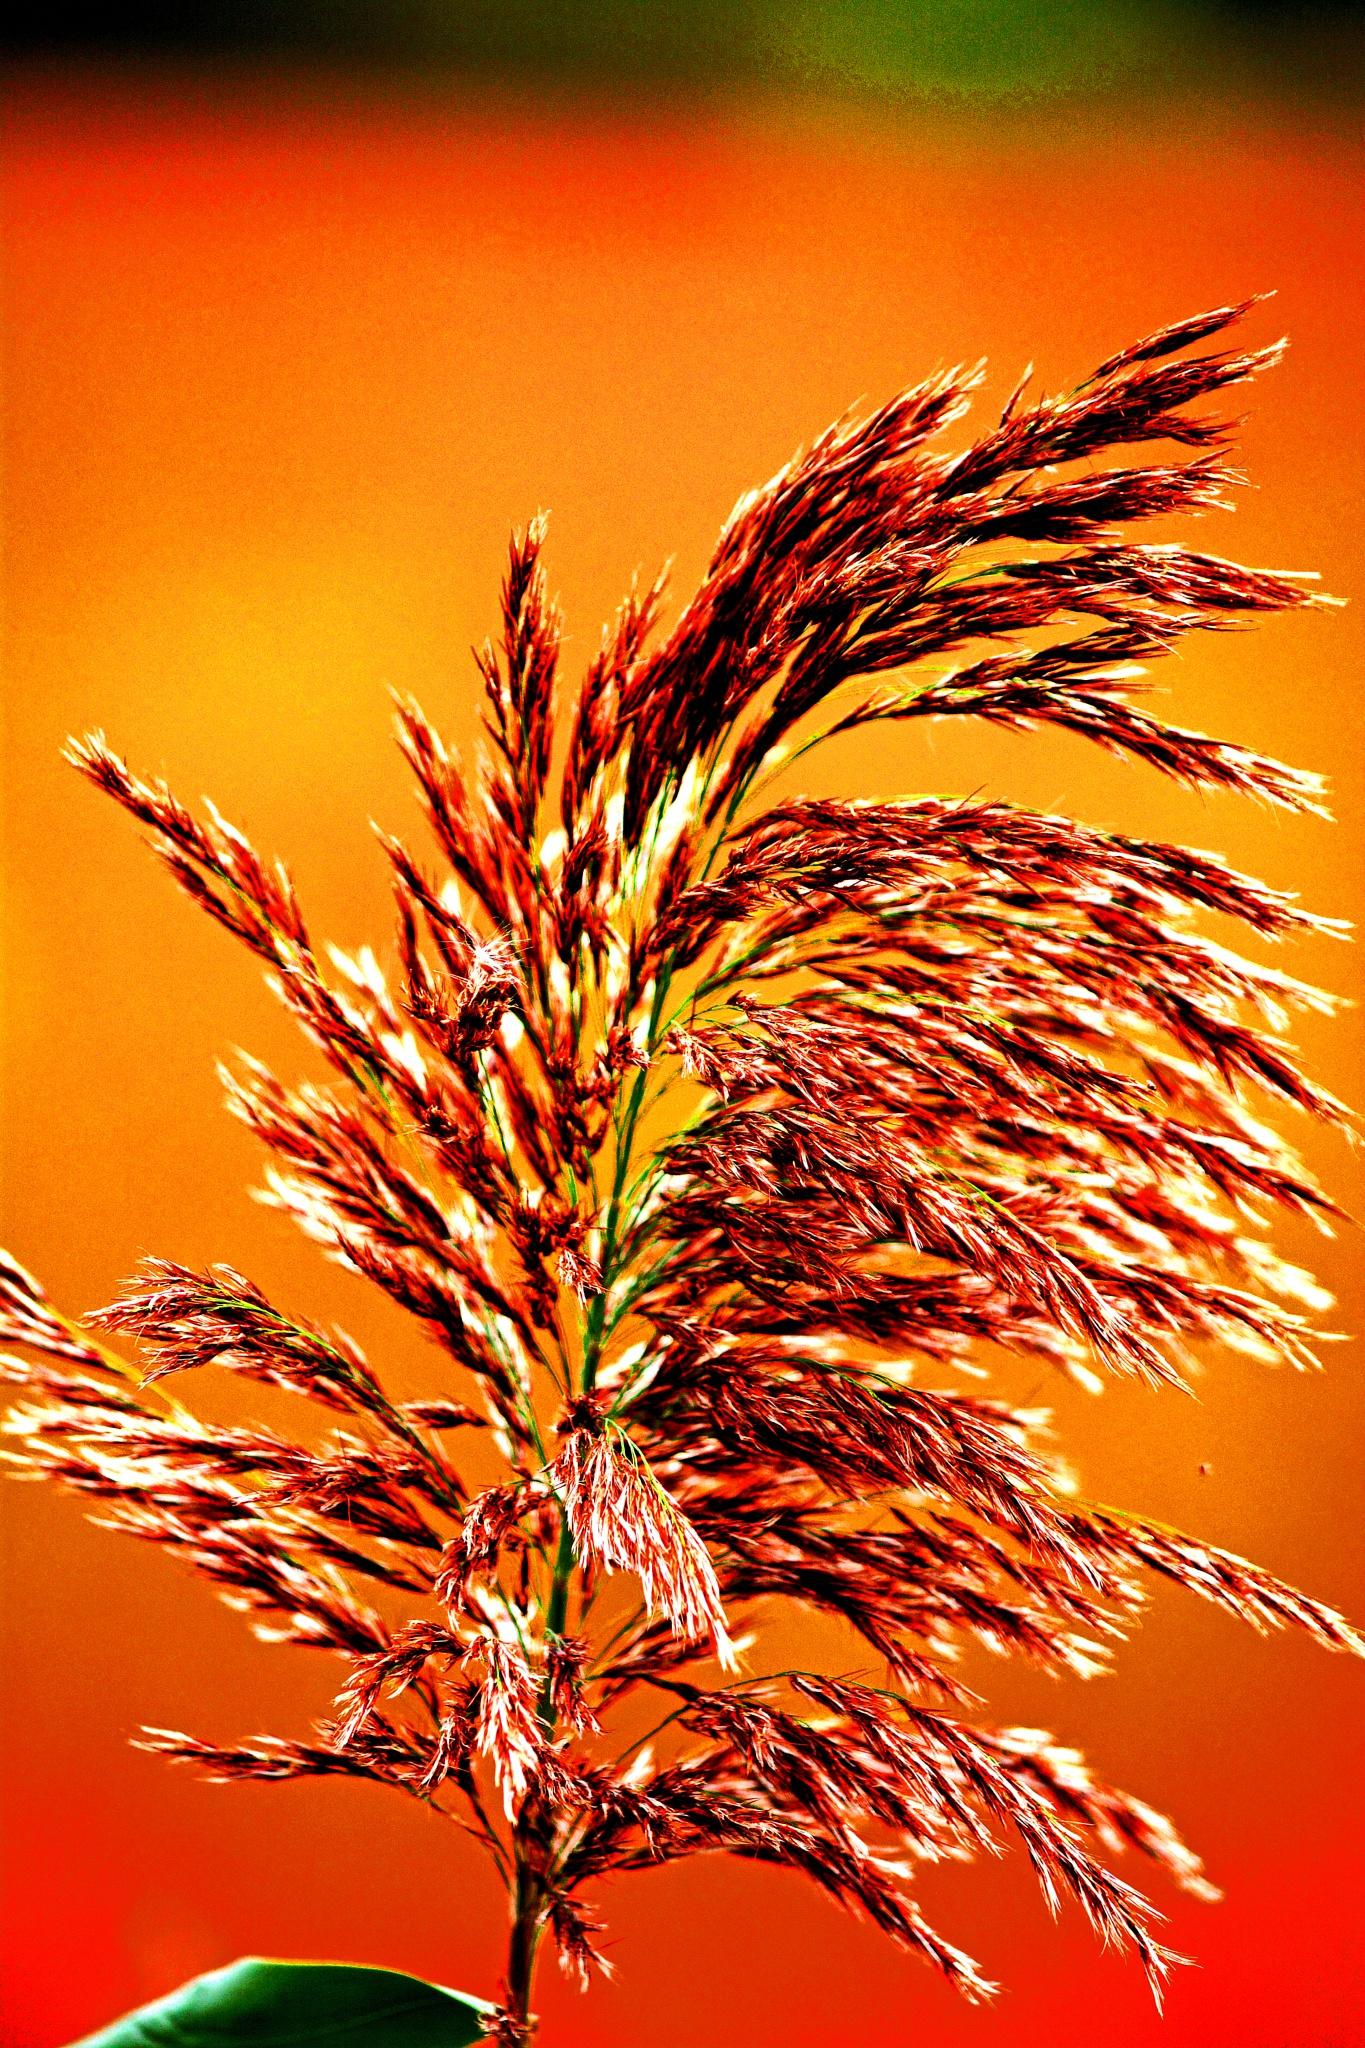 Invasive Phragmites (European Common Reed) by William C. Burton